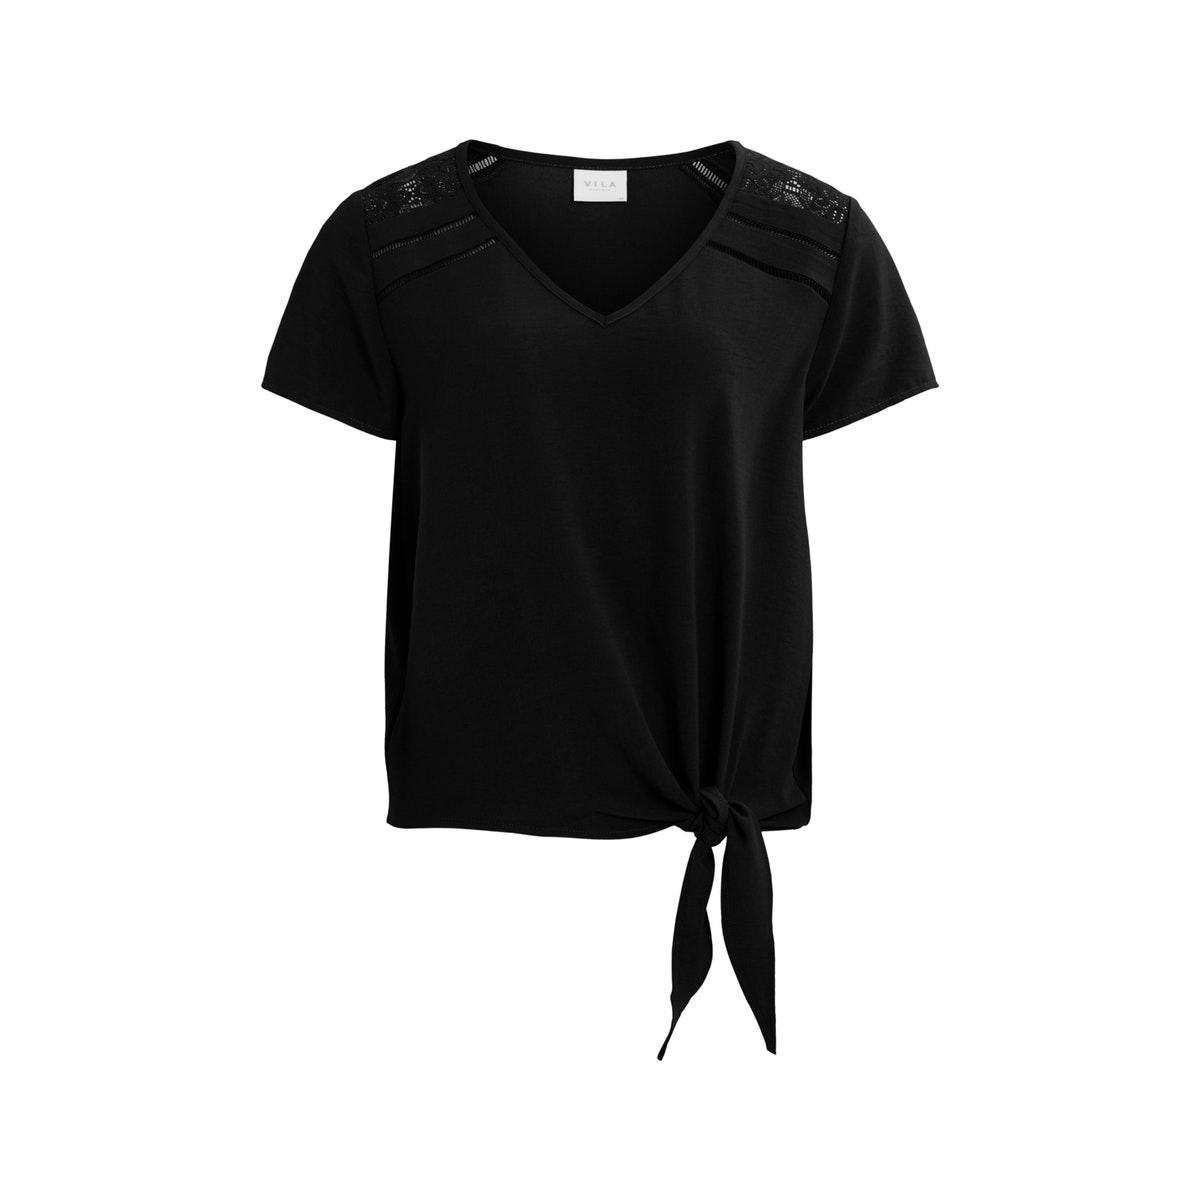 virasha lace v-neck s/s top 14058634 vila t-shirt black